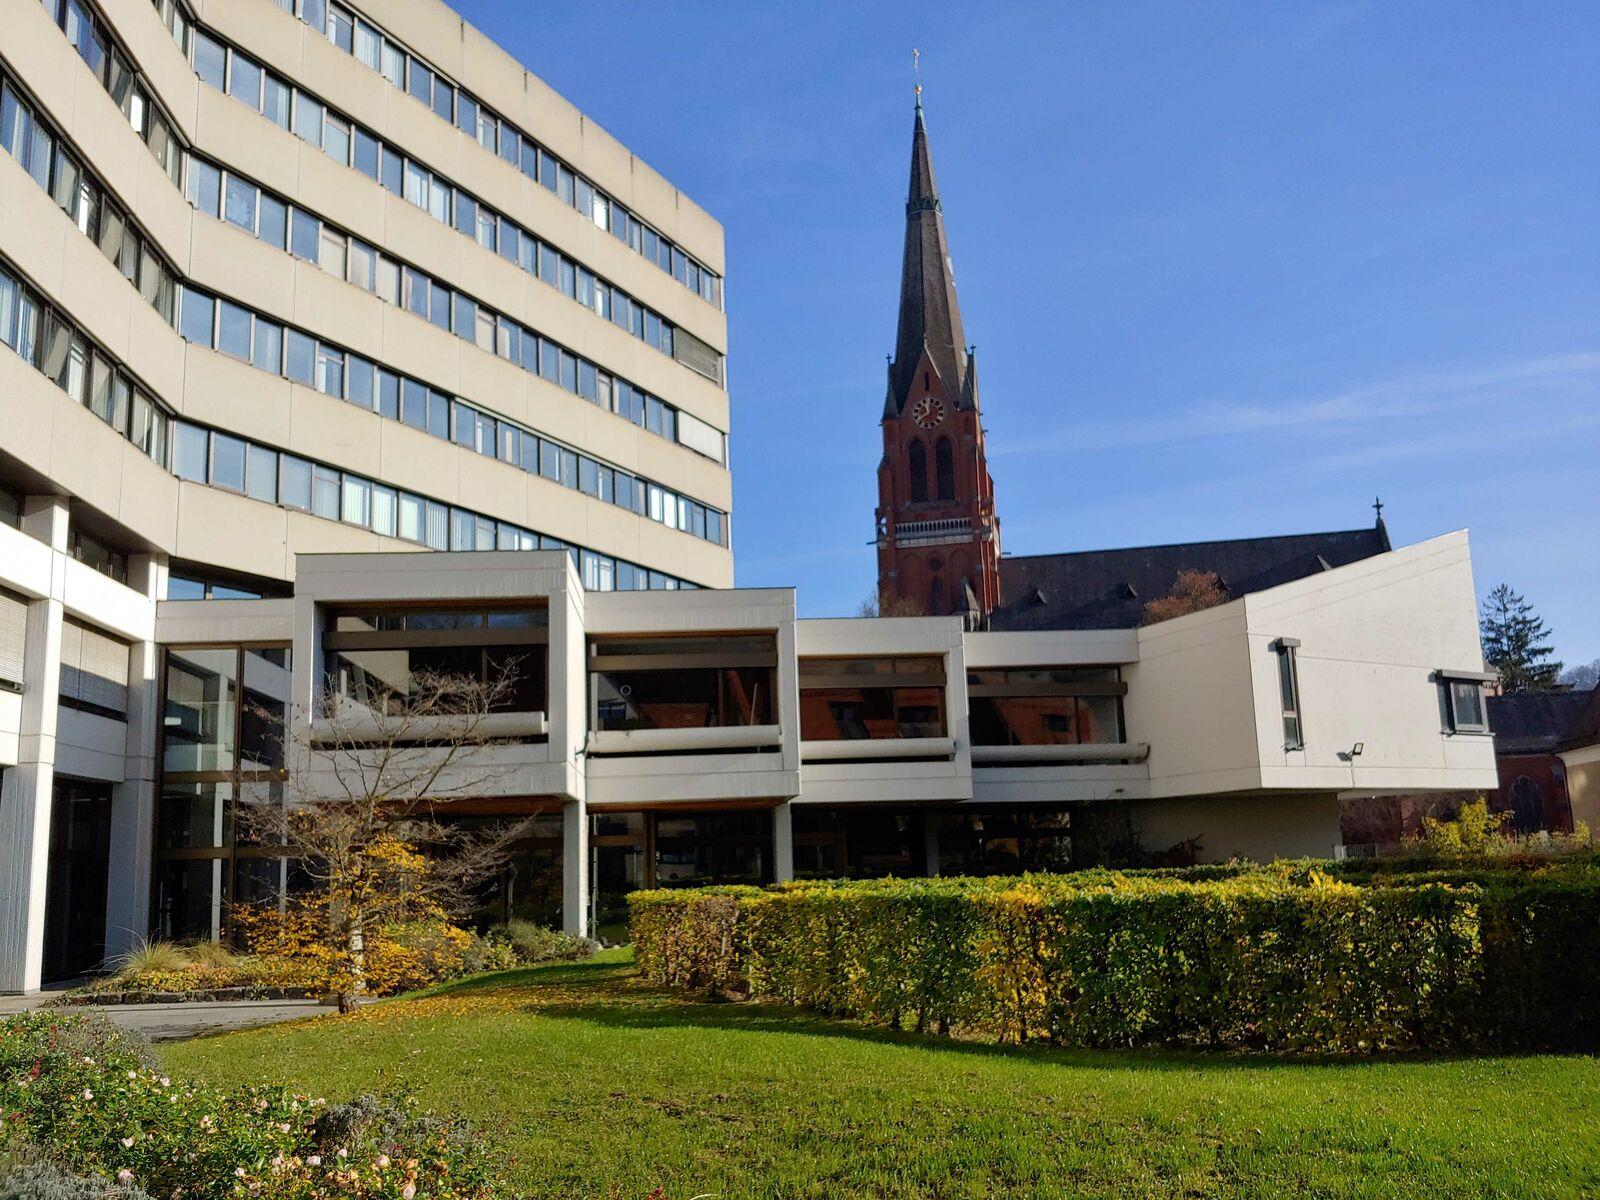 Das Rathaus in Heidenheim